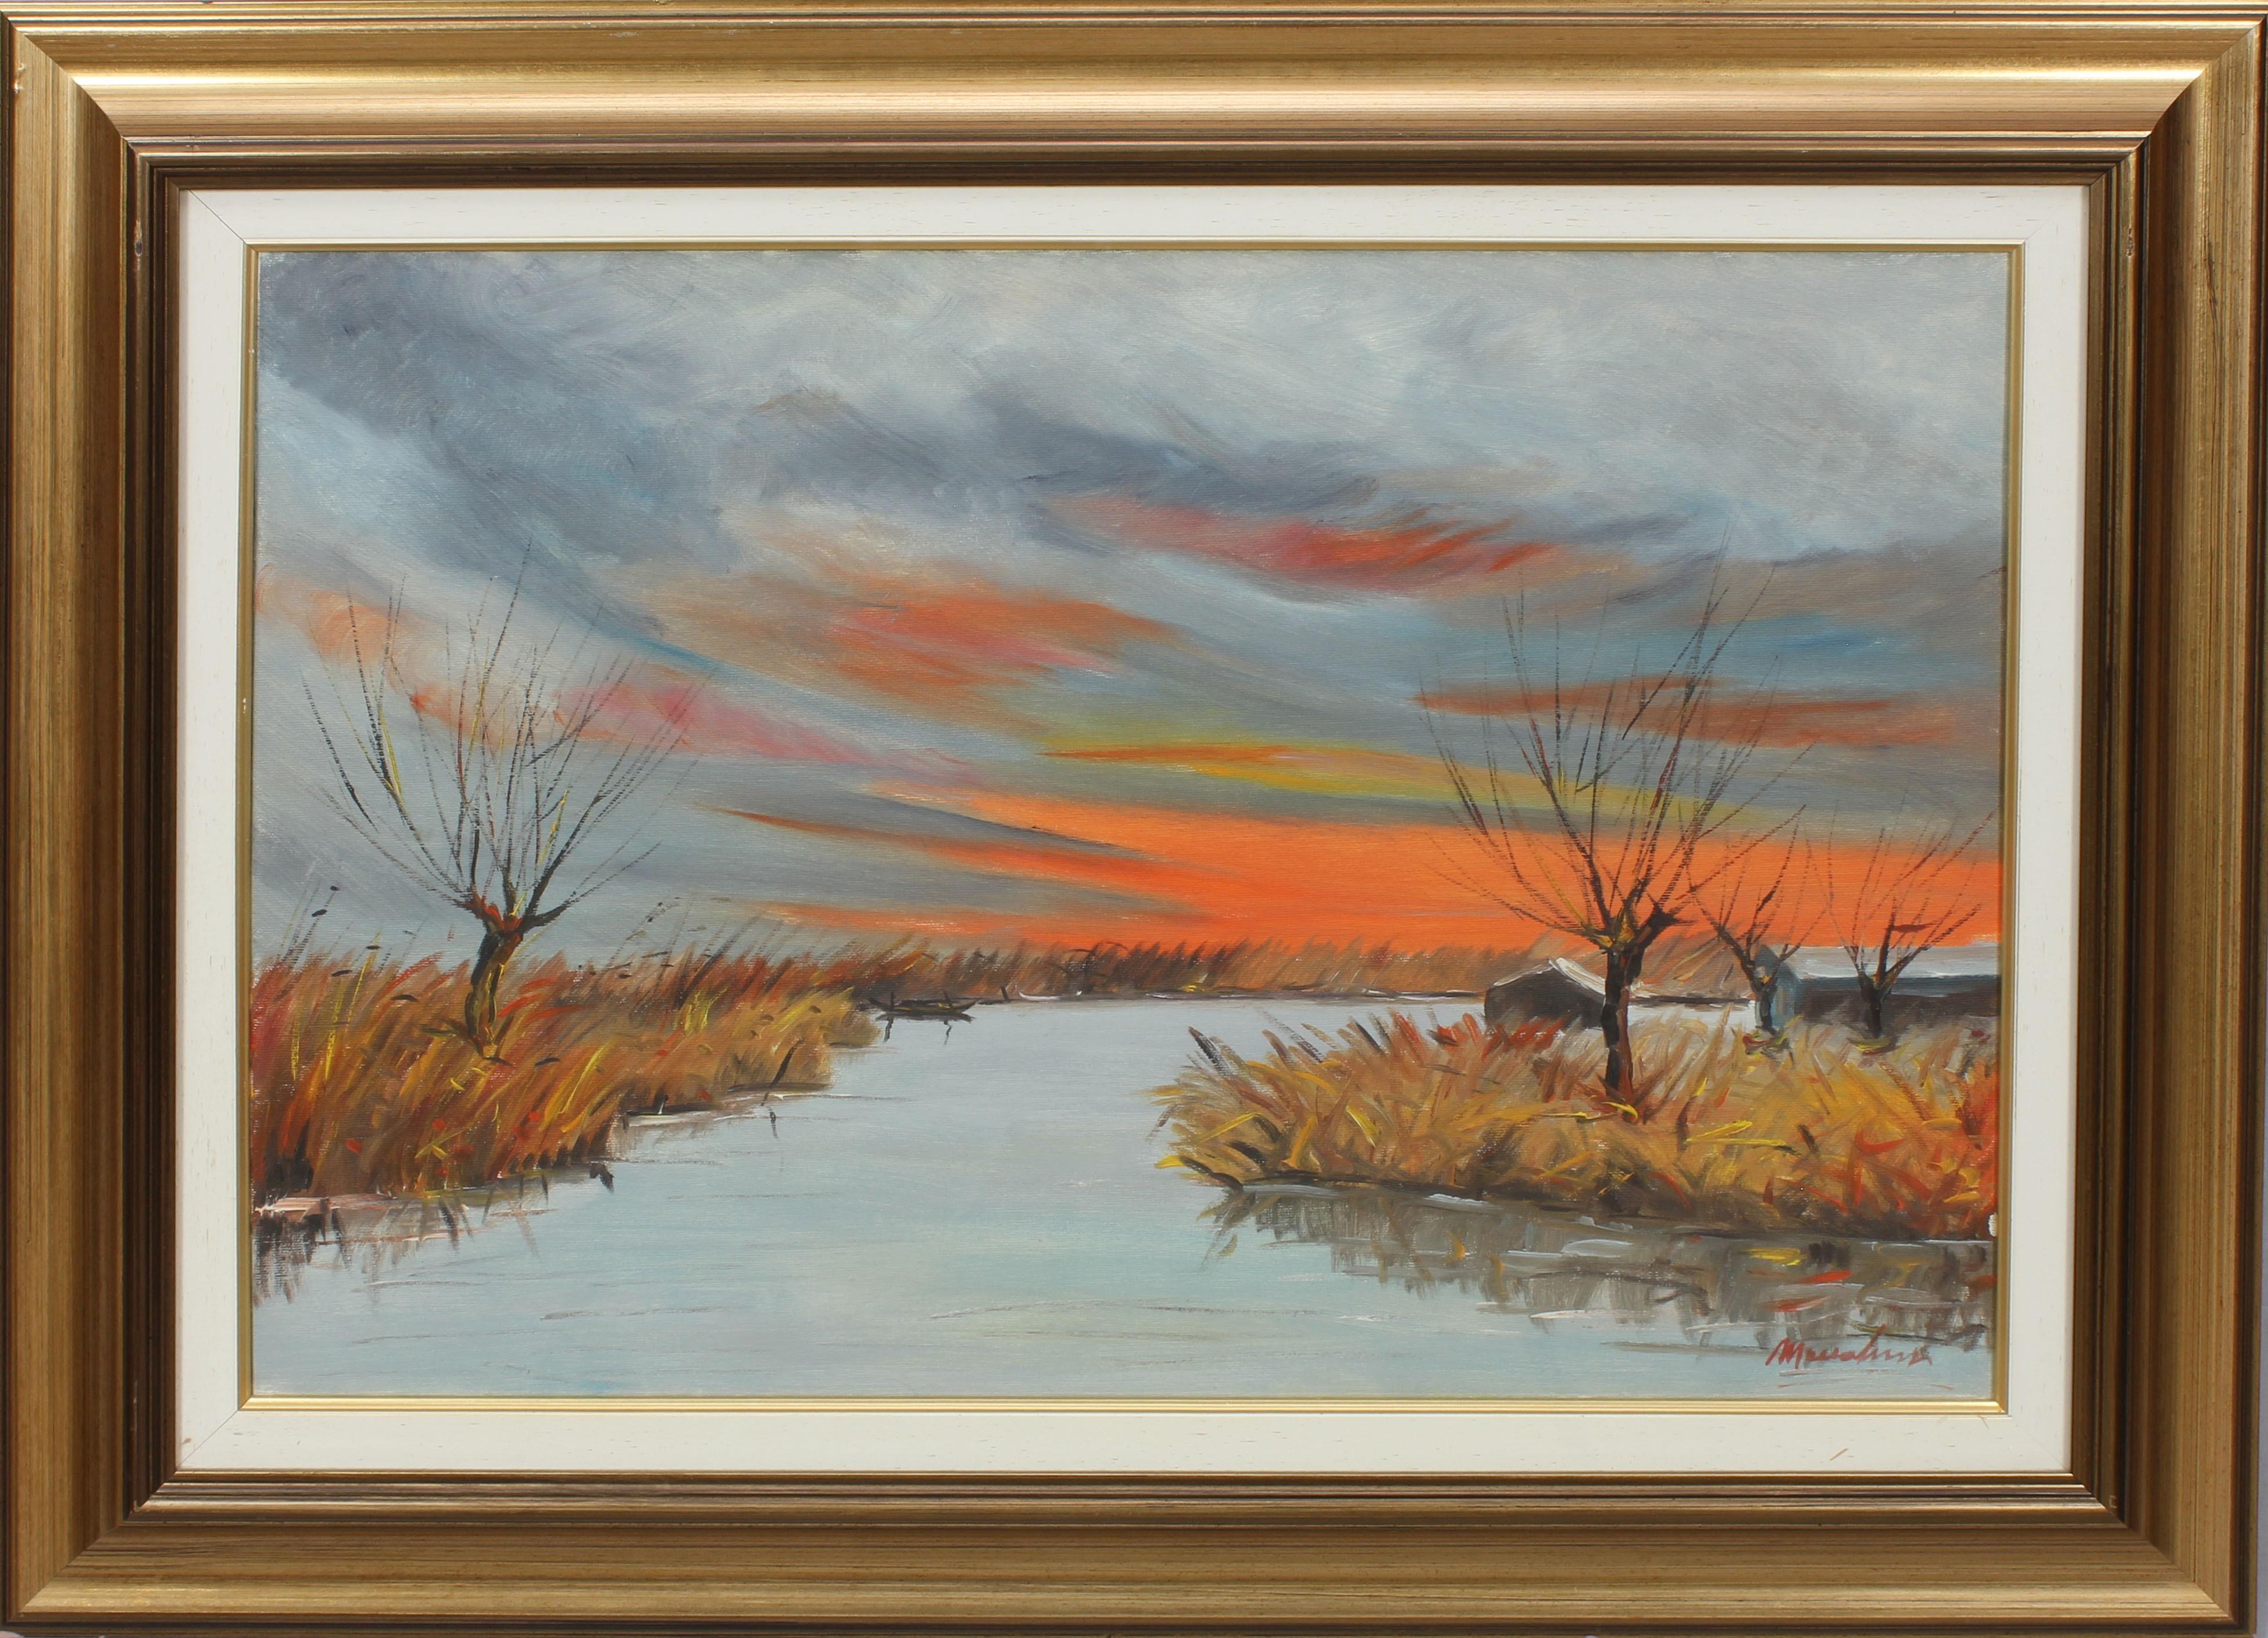 Lot 48 - Tramonto sul lago, olio su tela, a firma Maccabruni 1972, cm. 68x48